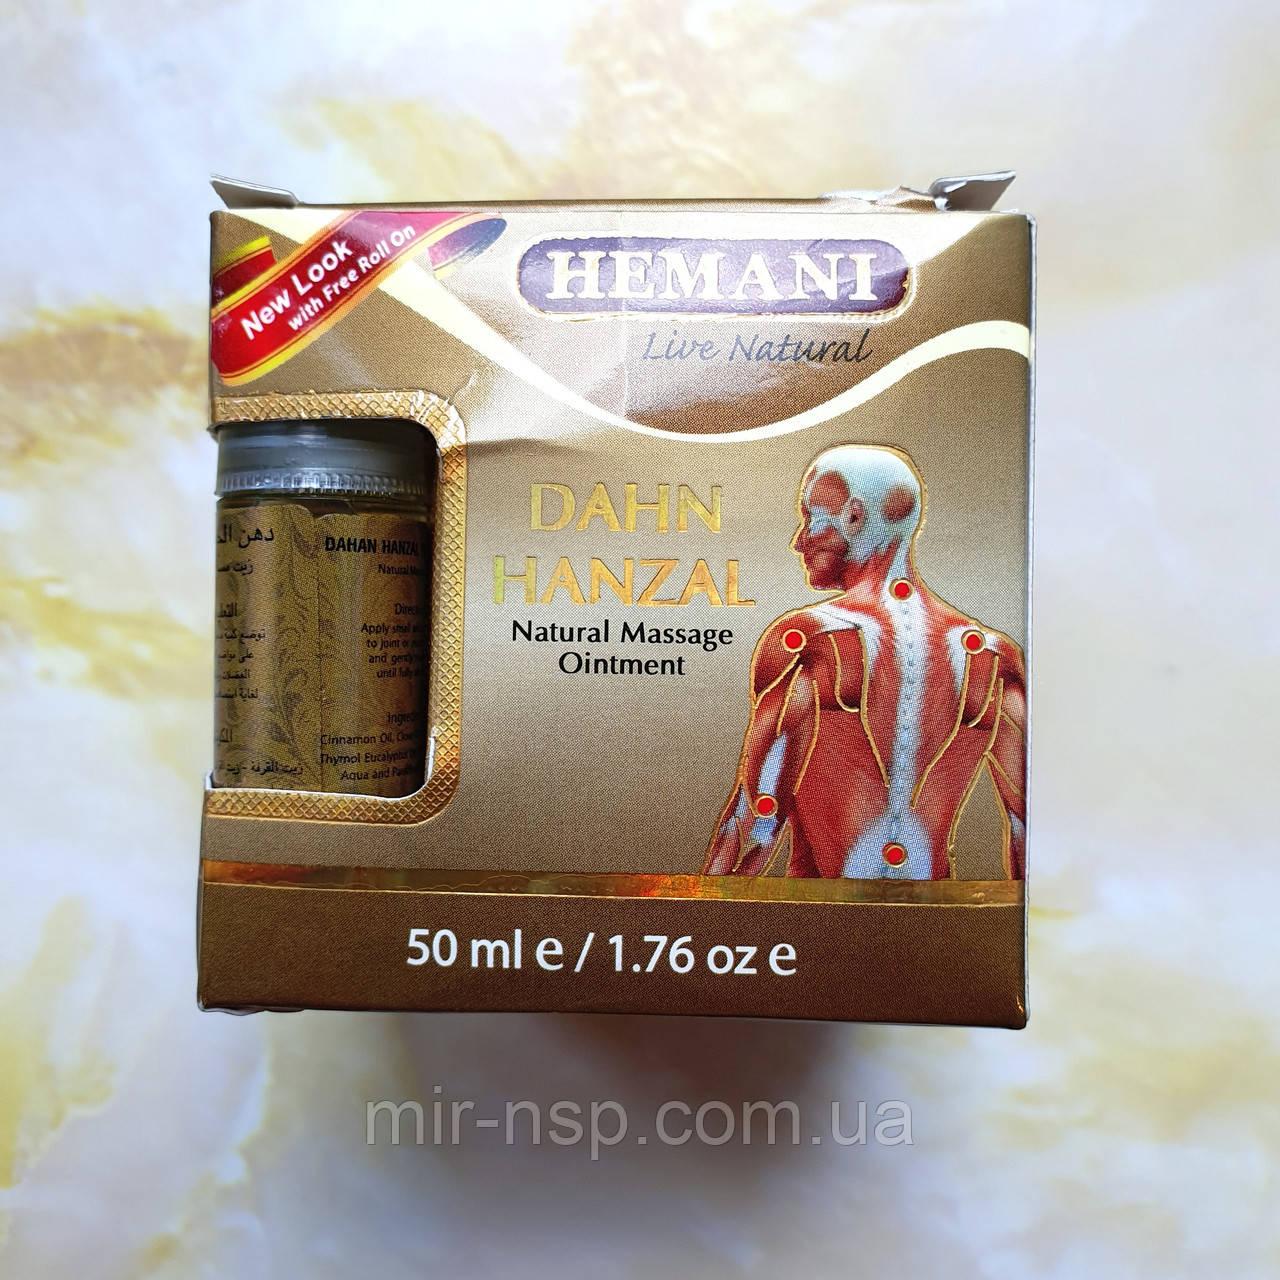 Мазь колоквинта Хандал Ханзал 50мл компания Hemani Пакистан